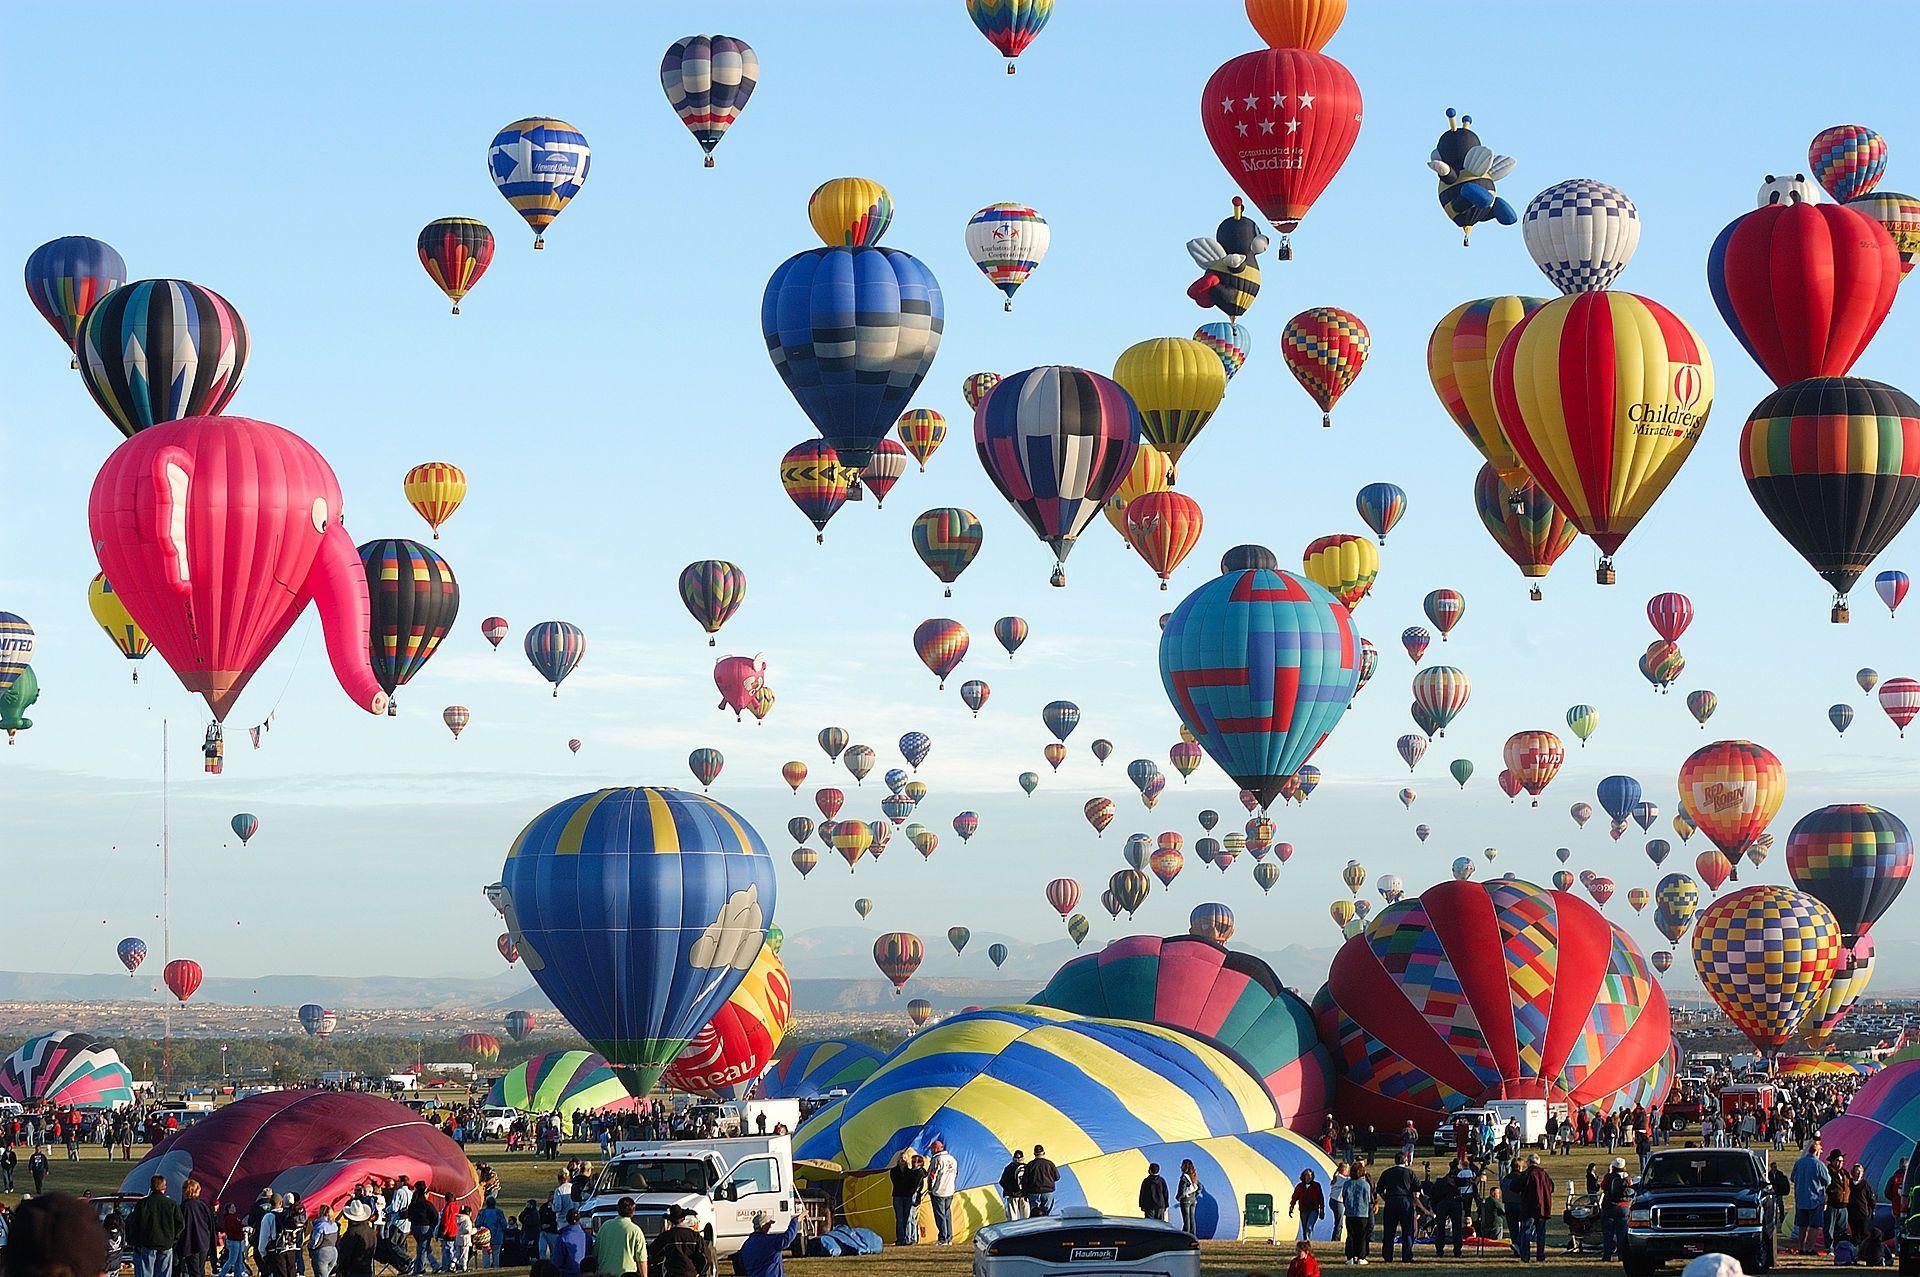 Ảnh lễ hội khinh khí cầu cực đẹp